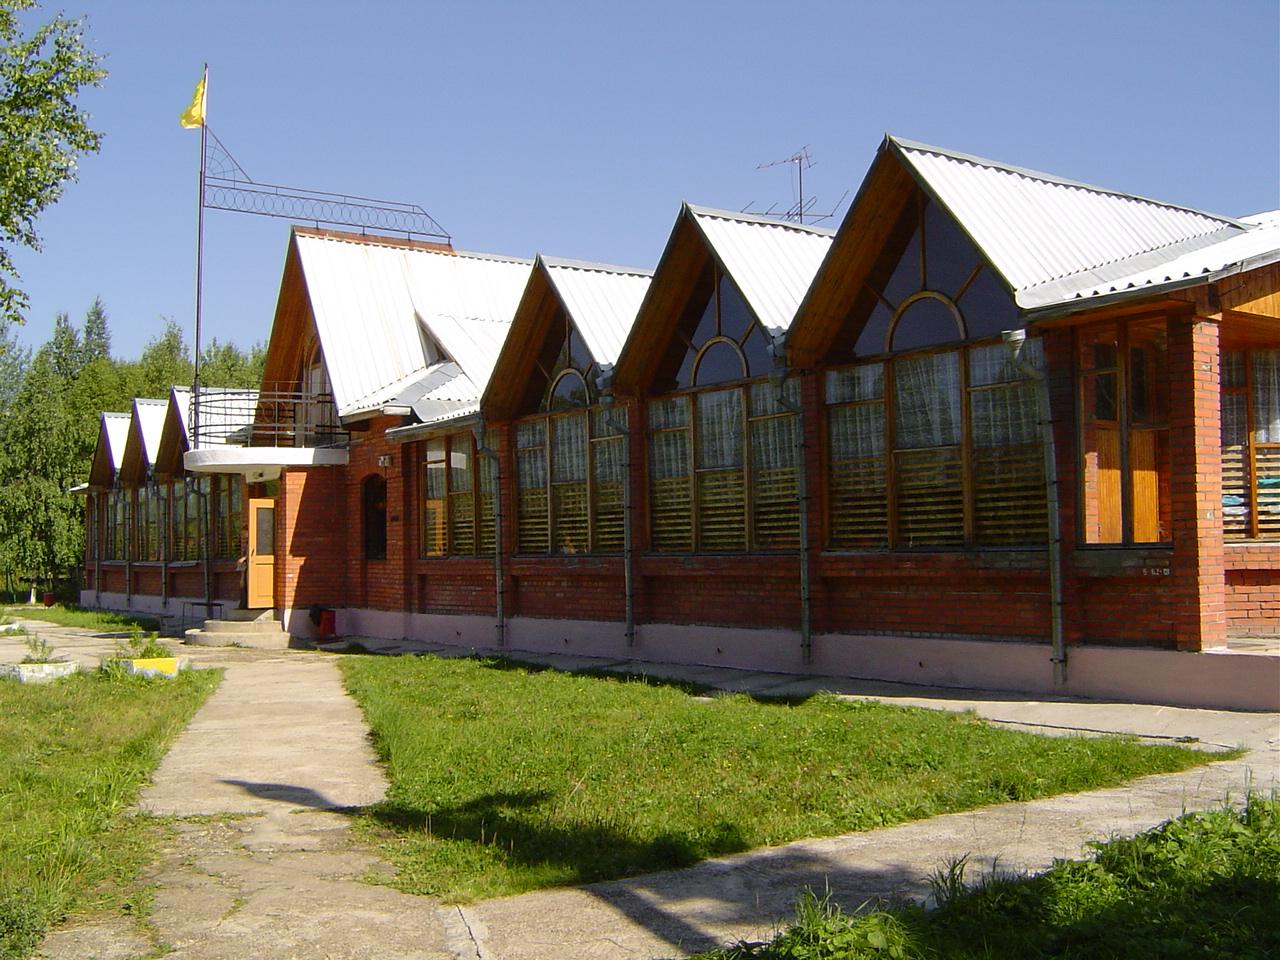 ДОЛ «Теремок», Верхнечусовские городки